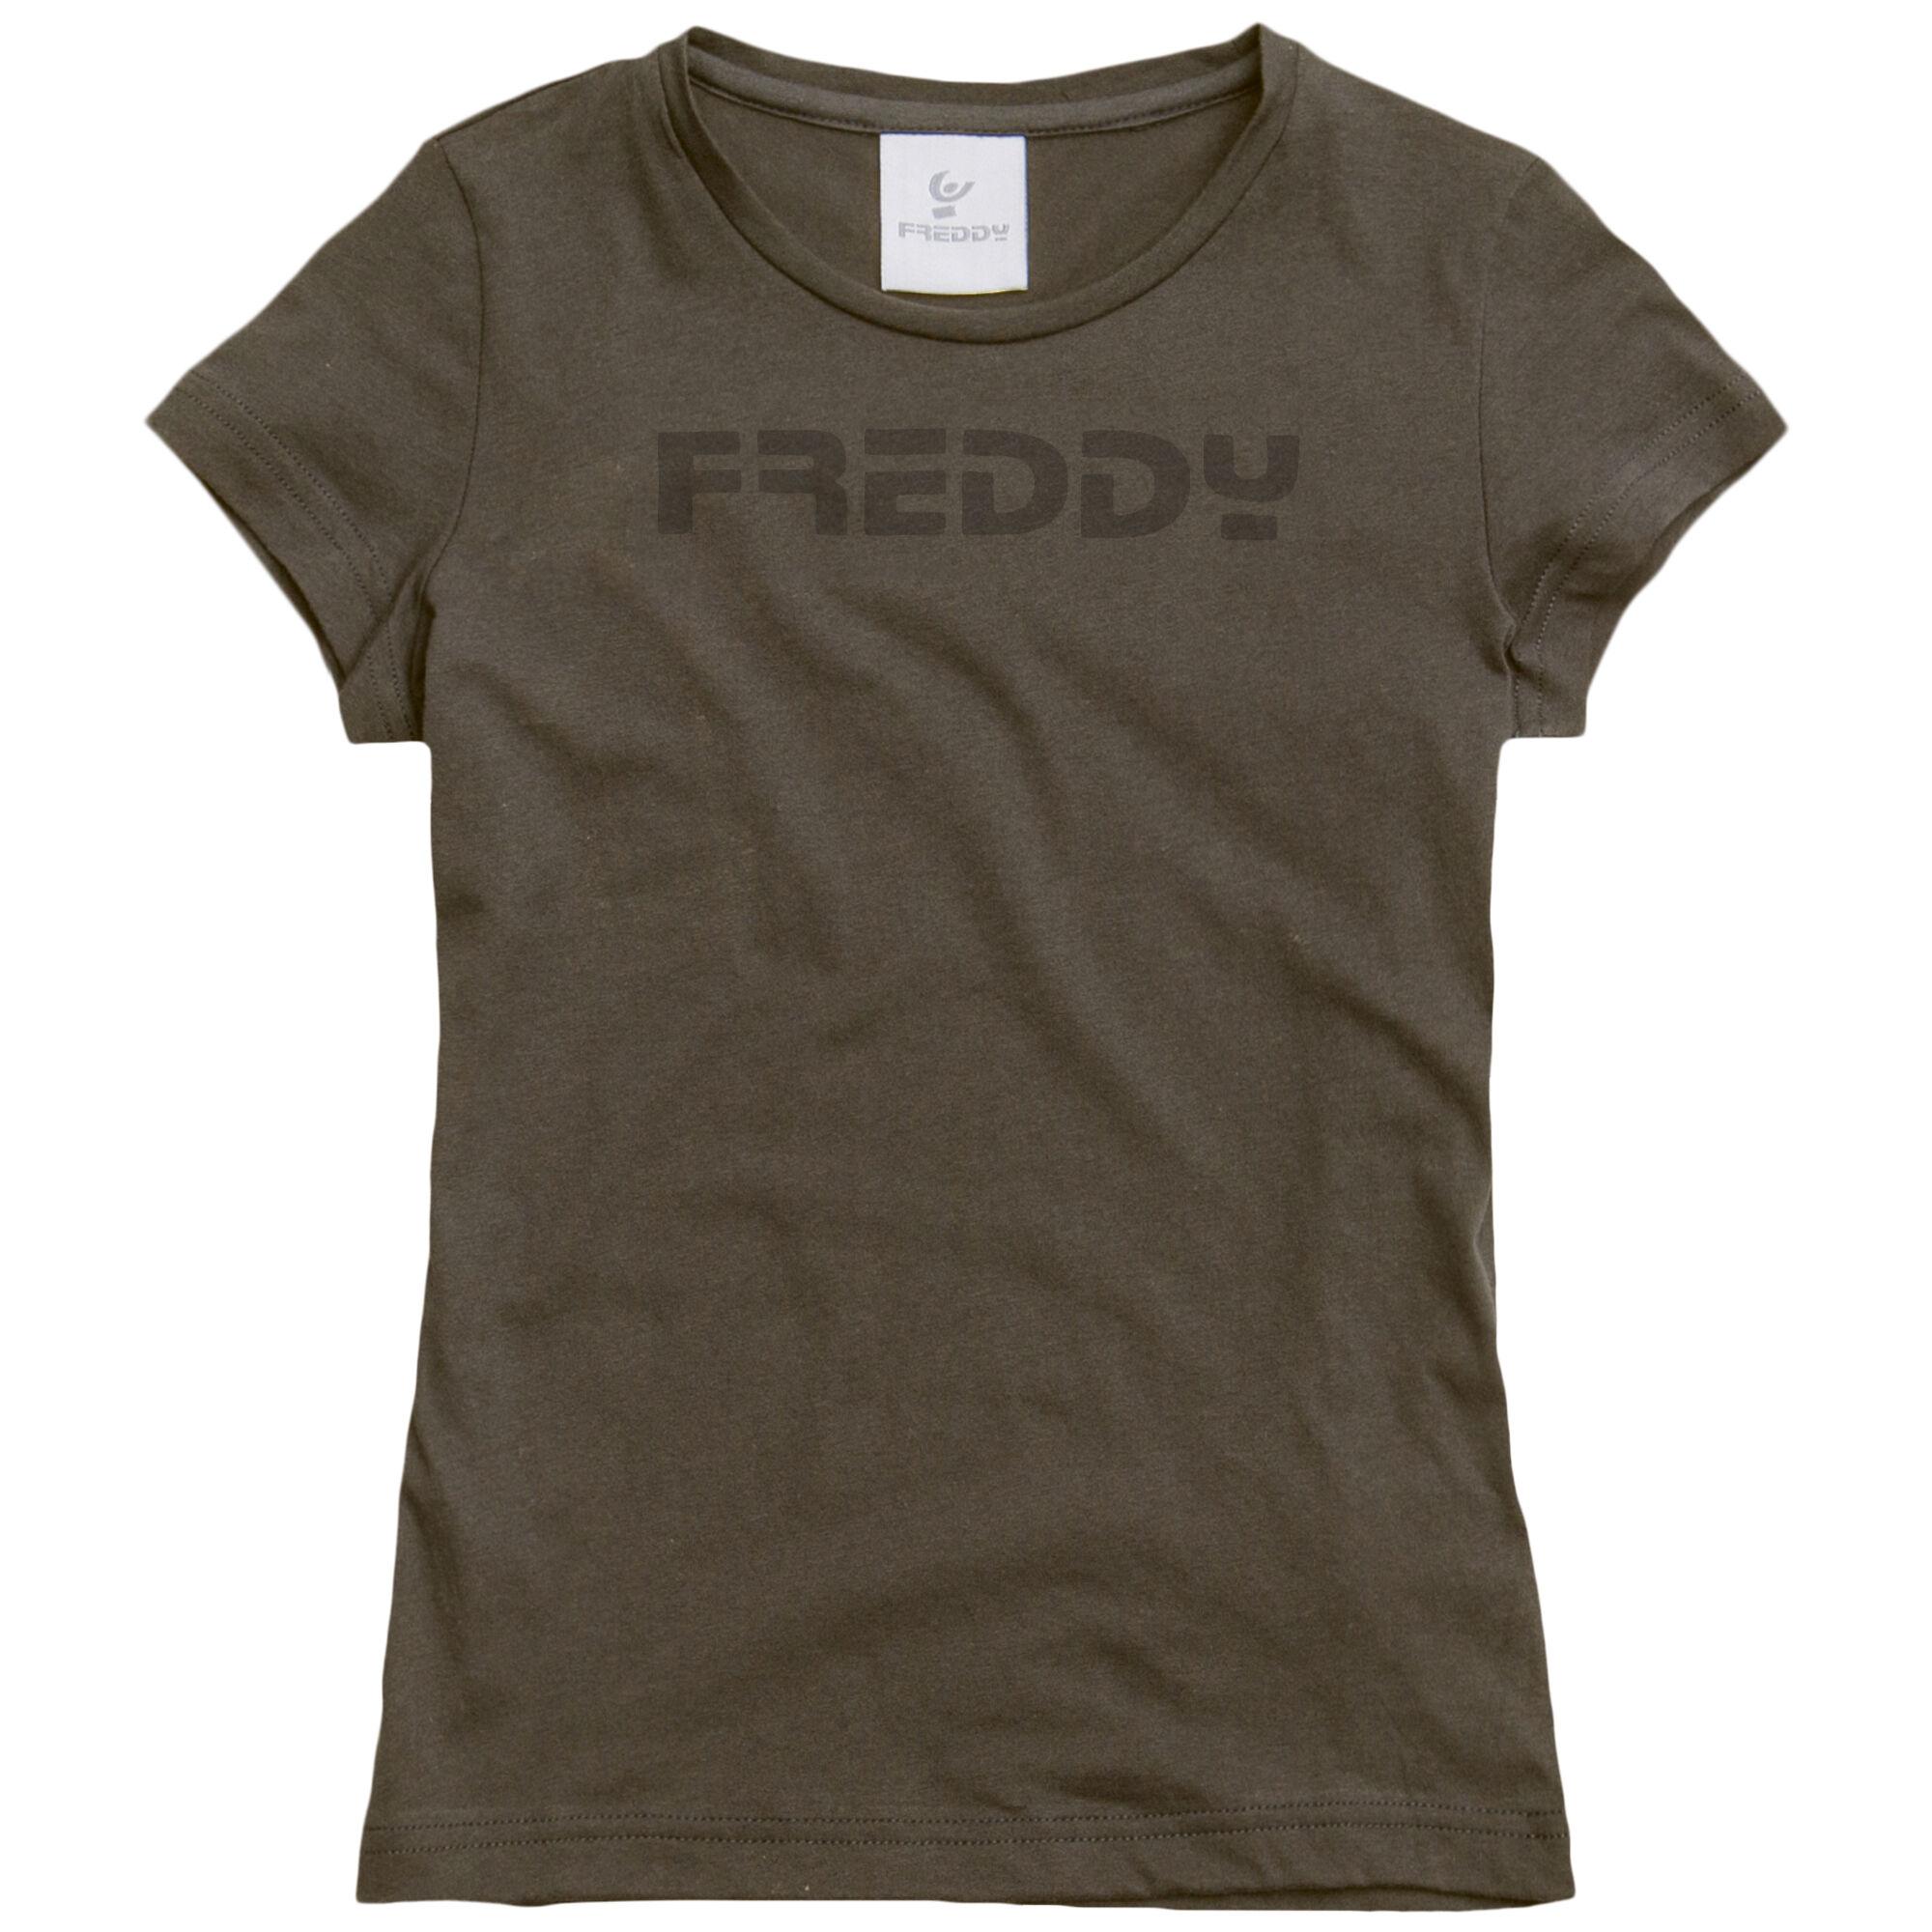 Freddy T-Shirt Manica Corta Marrone